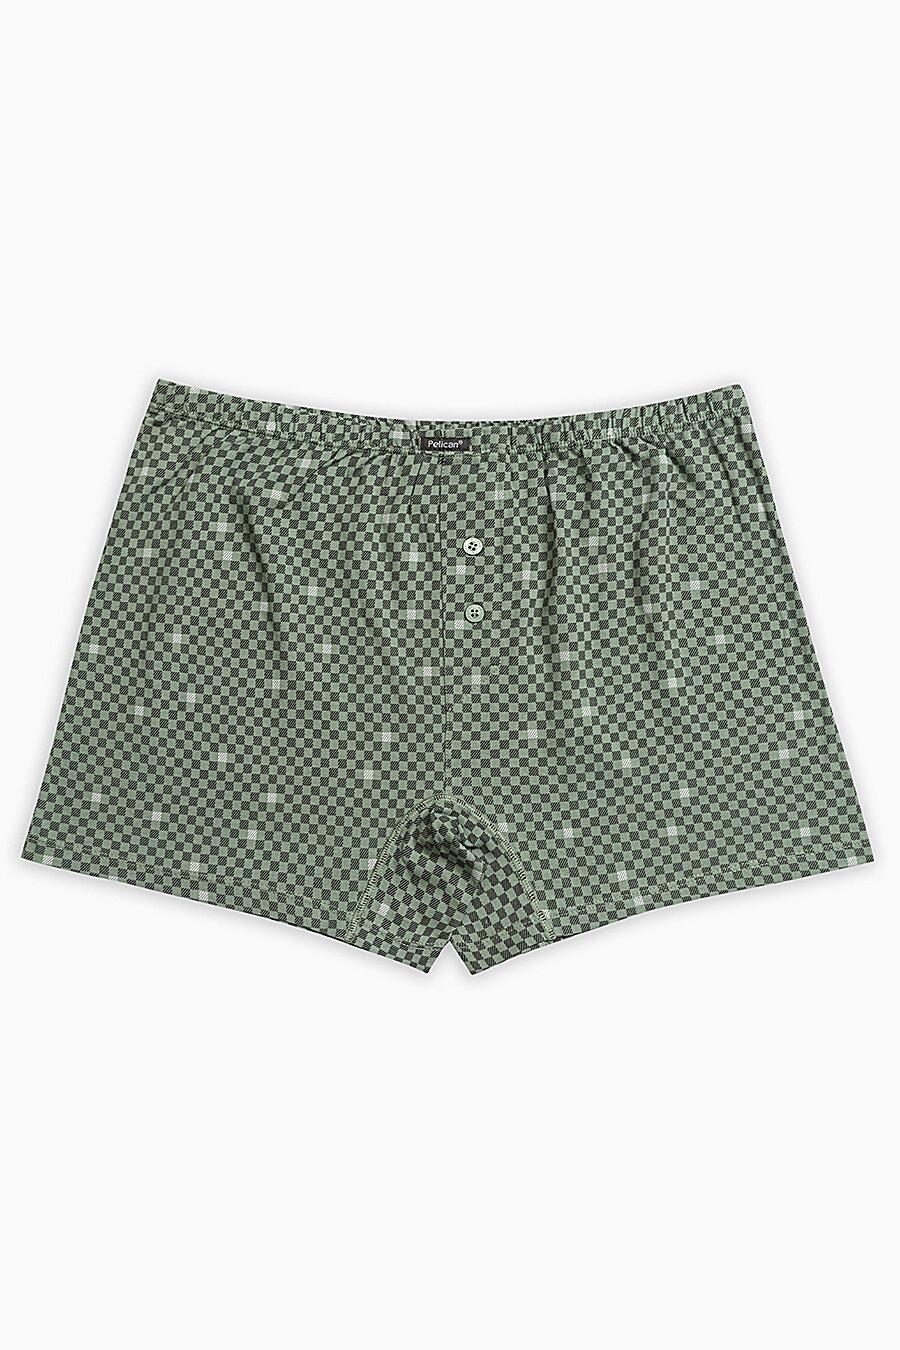 Трусы для мужчин PELICAN 146523 купить оптом от производителя. Совместная покупка мужской одежды в OptMoyo